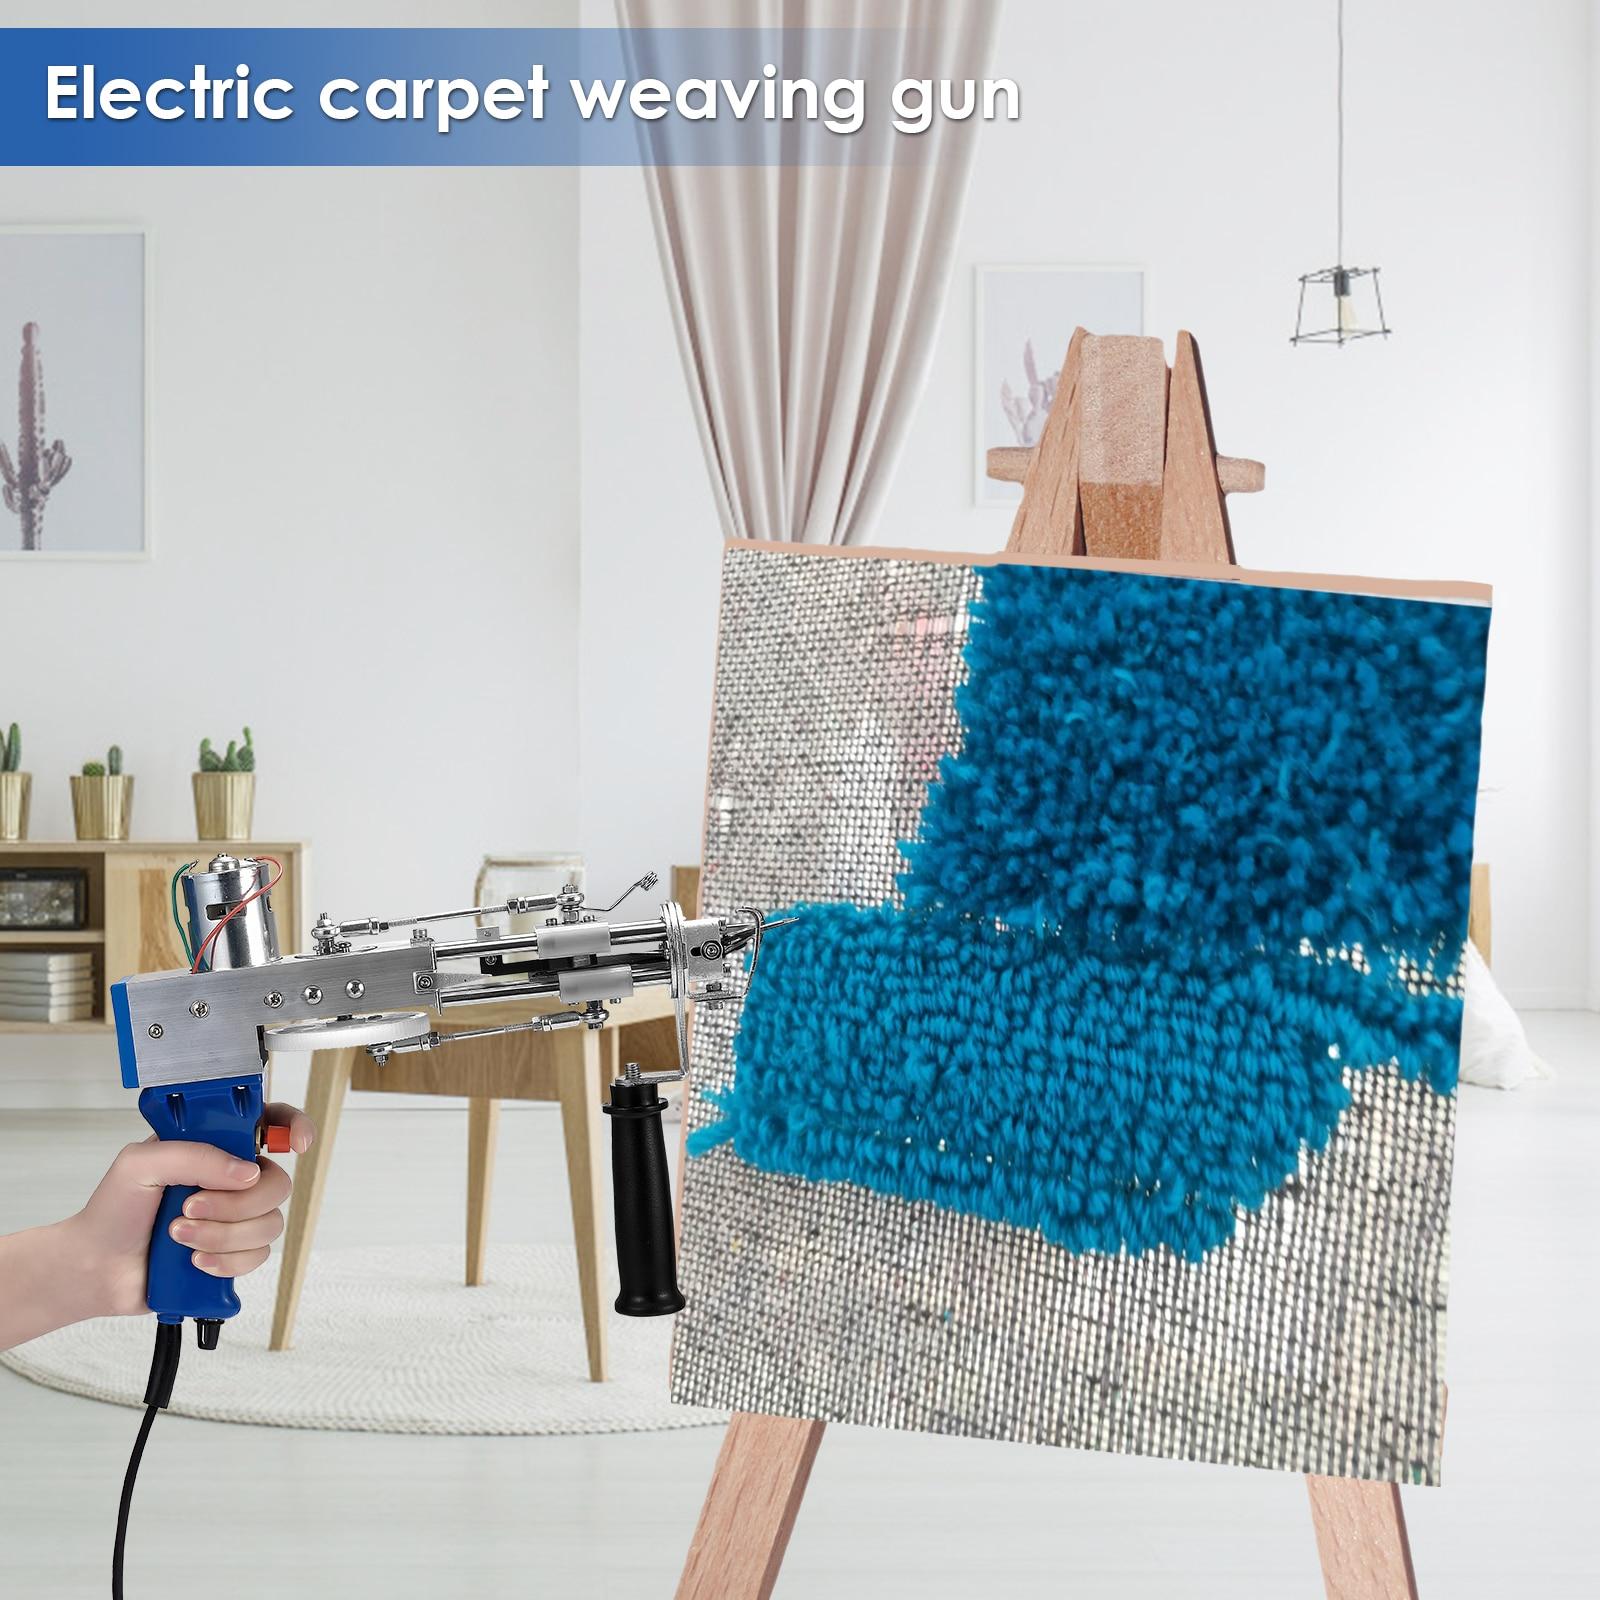 Carpet Tufting Gun Hand Gun Electric Carpet Weaving Flocking Machines Cut Pile Weaving Flocking Machines Loop Pile Cut Pile New enlarge